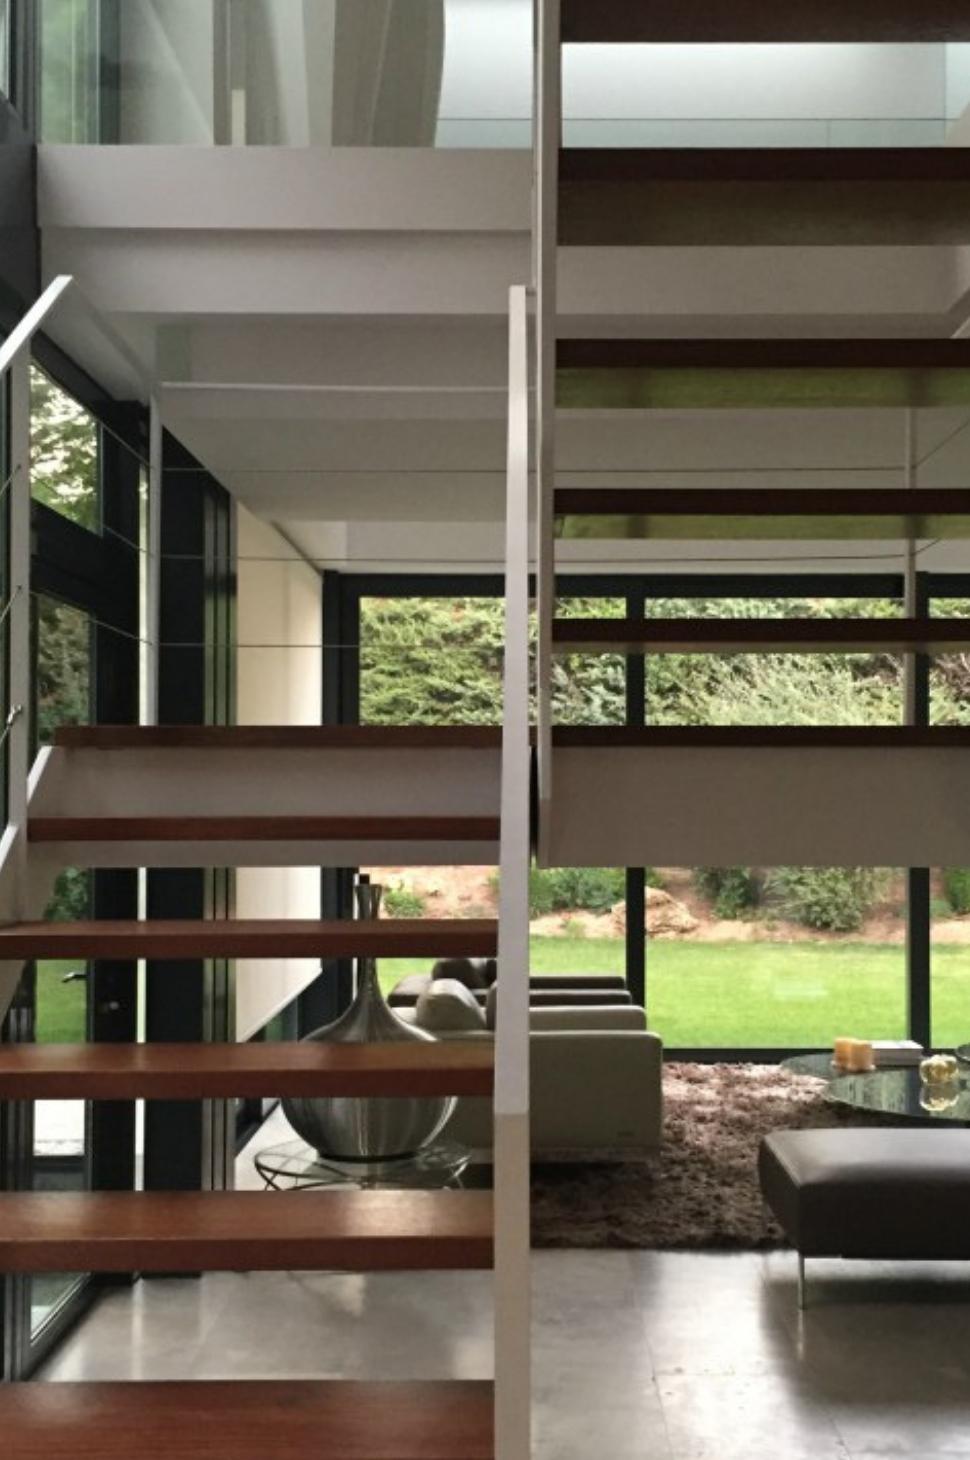 Vivienda Unifamiliar en Monteclaro, Pozuelo de Alarcón, Madrid. Un proyecto del estudio de arquitectura FH2L Arquitectos.